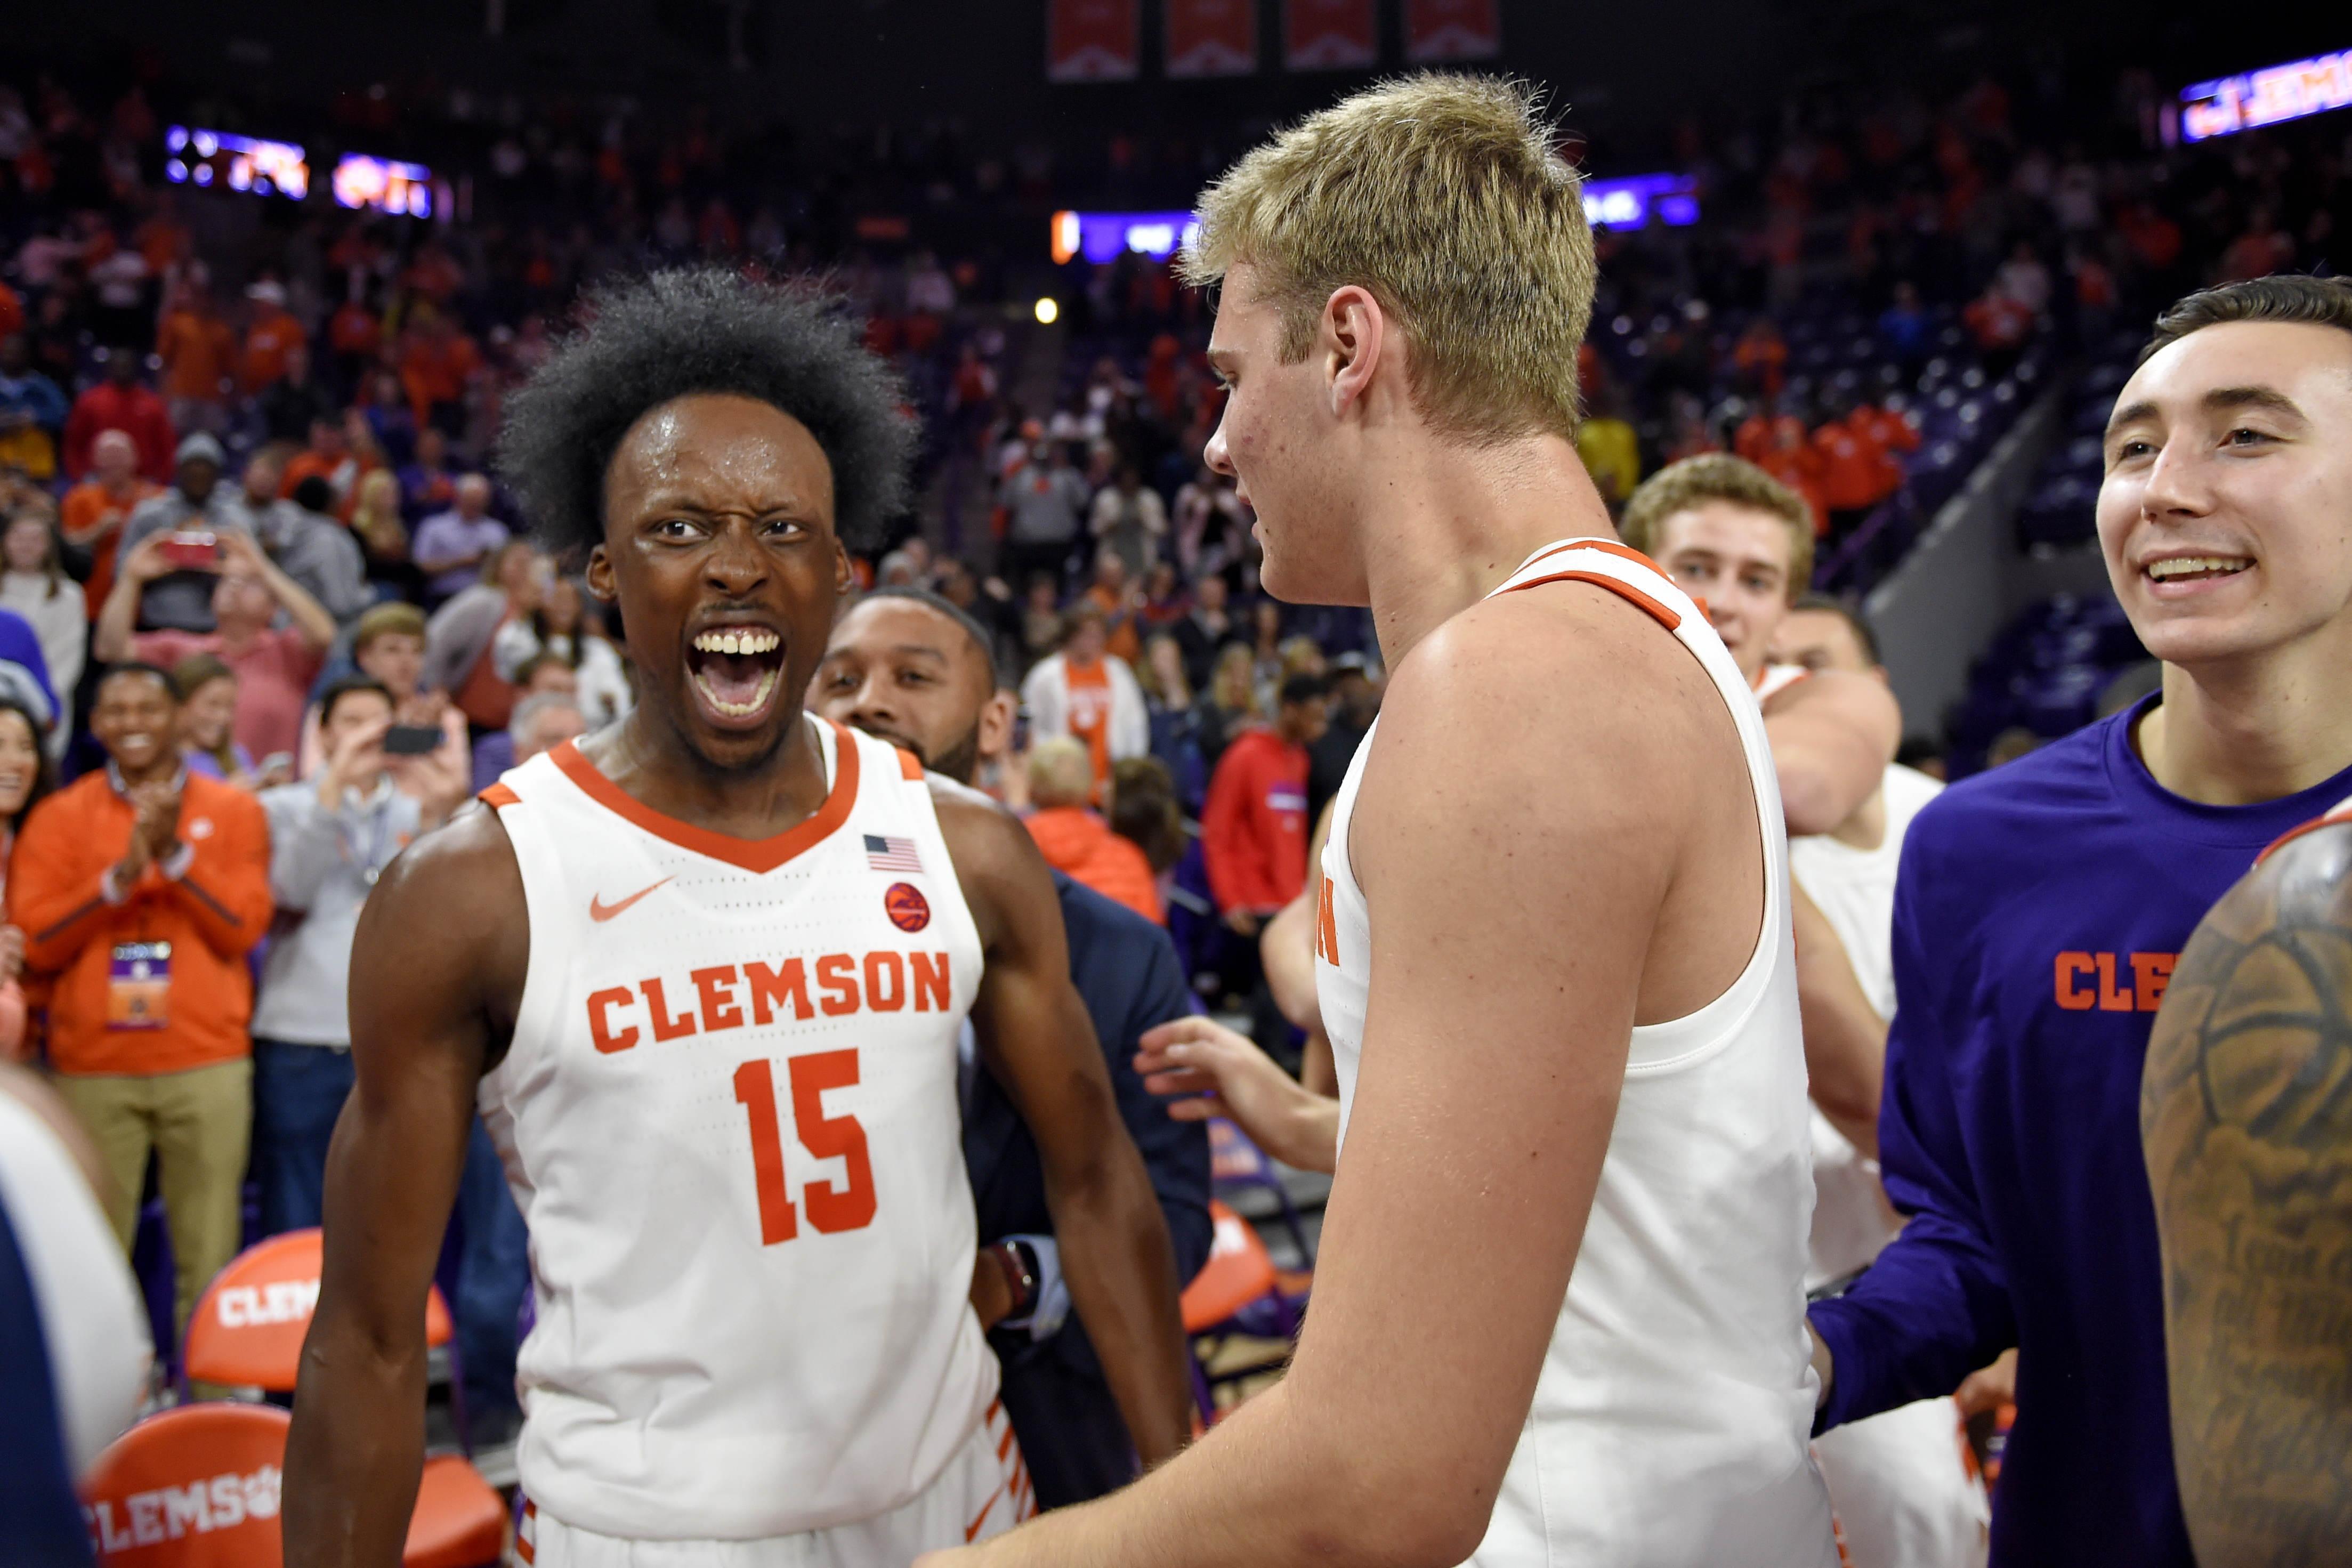 Duke Clemson Basketball